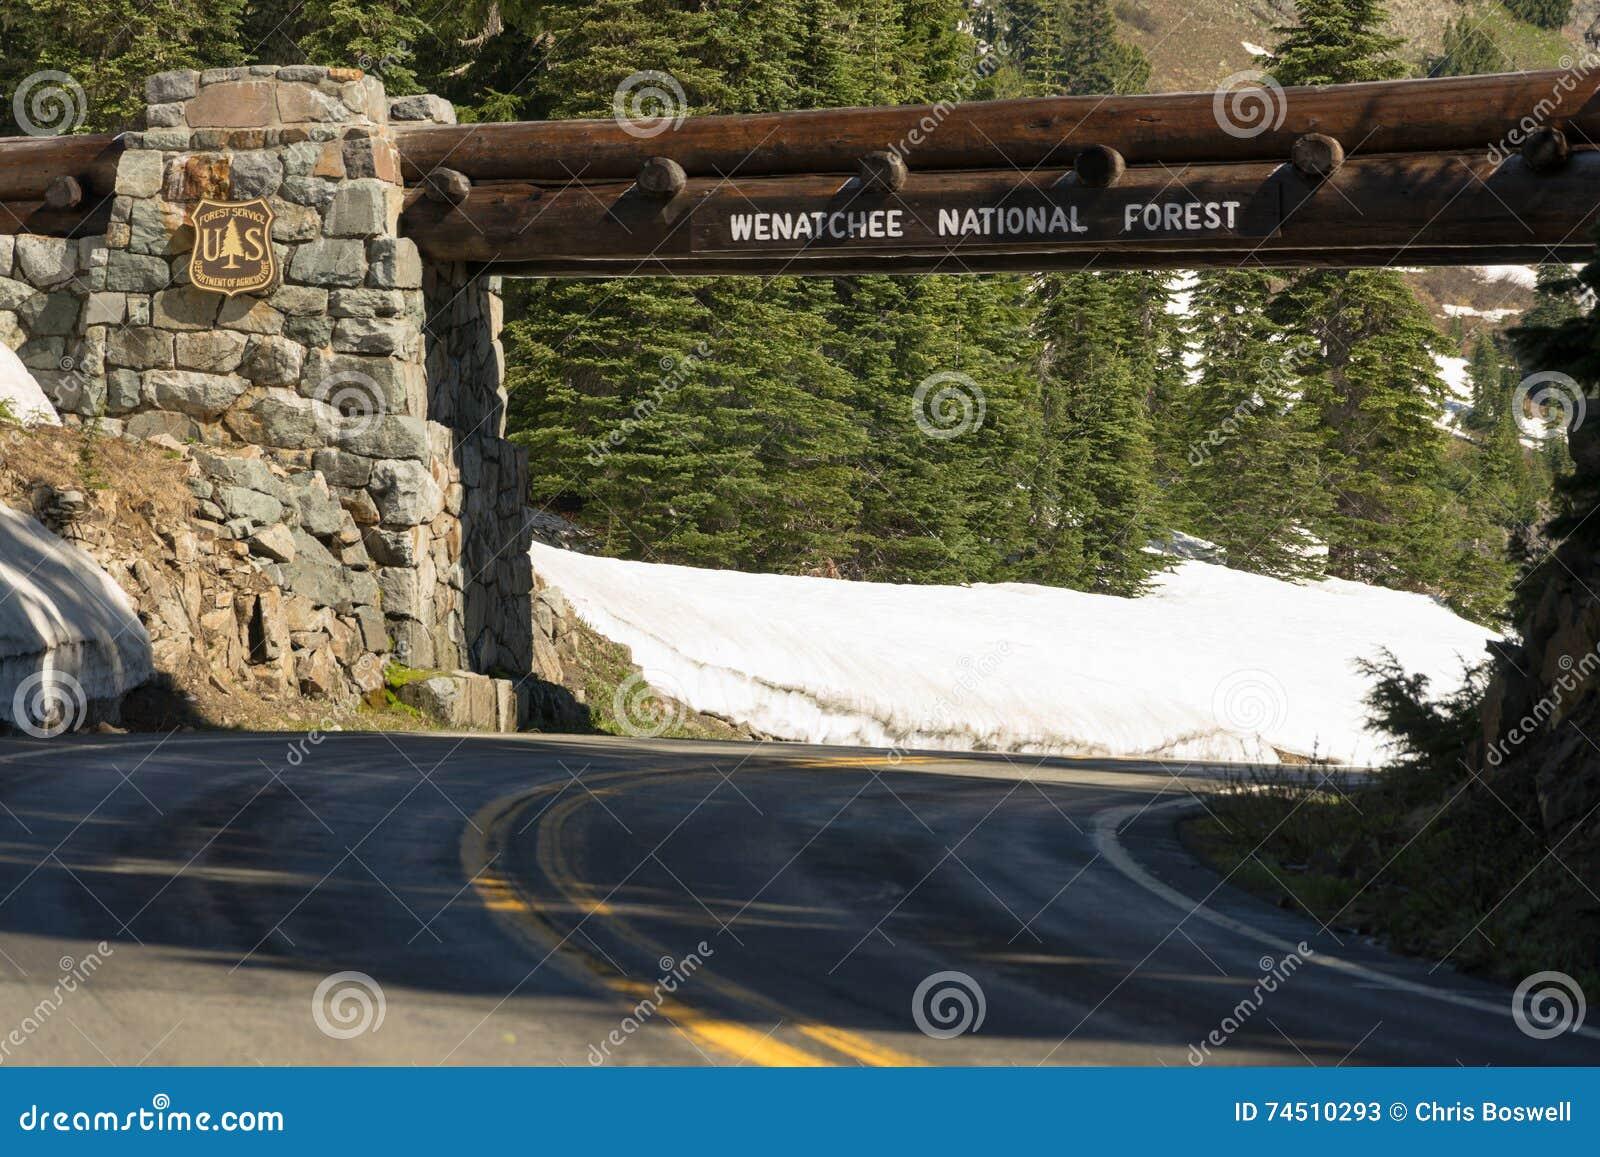 Входя в вход знака обслуживания США национального леса Wenatchee